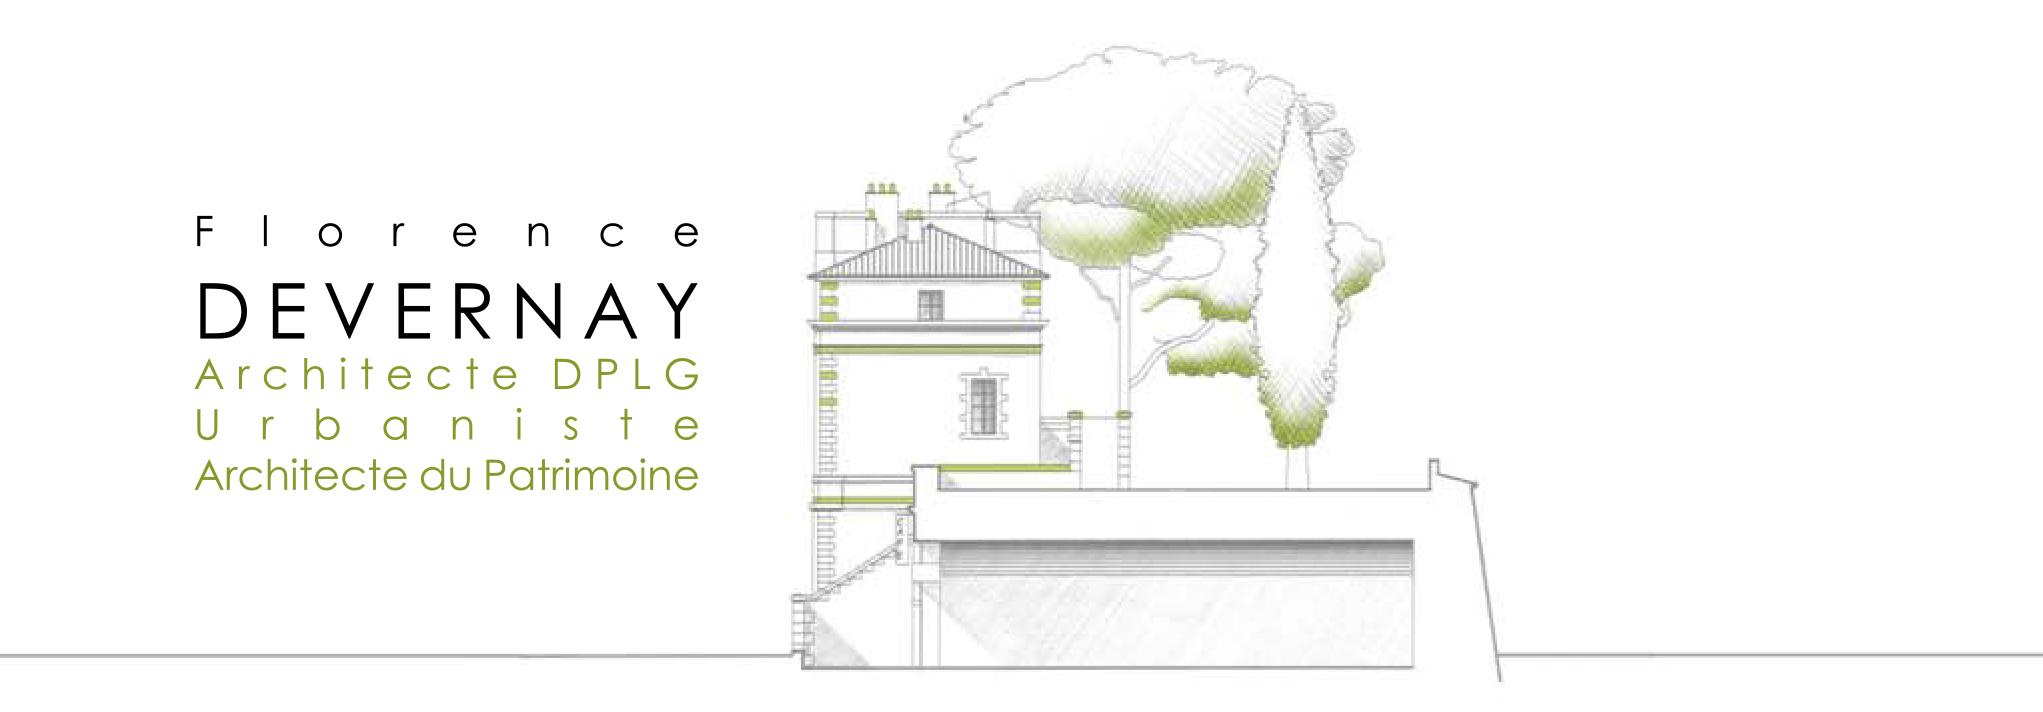 florence devernay inzinzac lochrist morbihan ordre des architectes. Black Bedroom Furniture Sets. Home Design Ideas